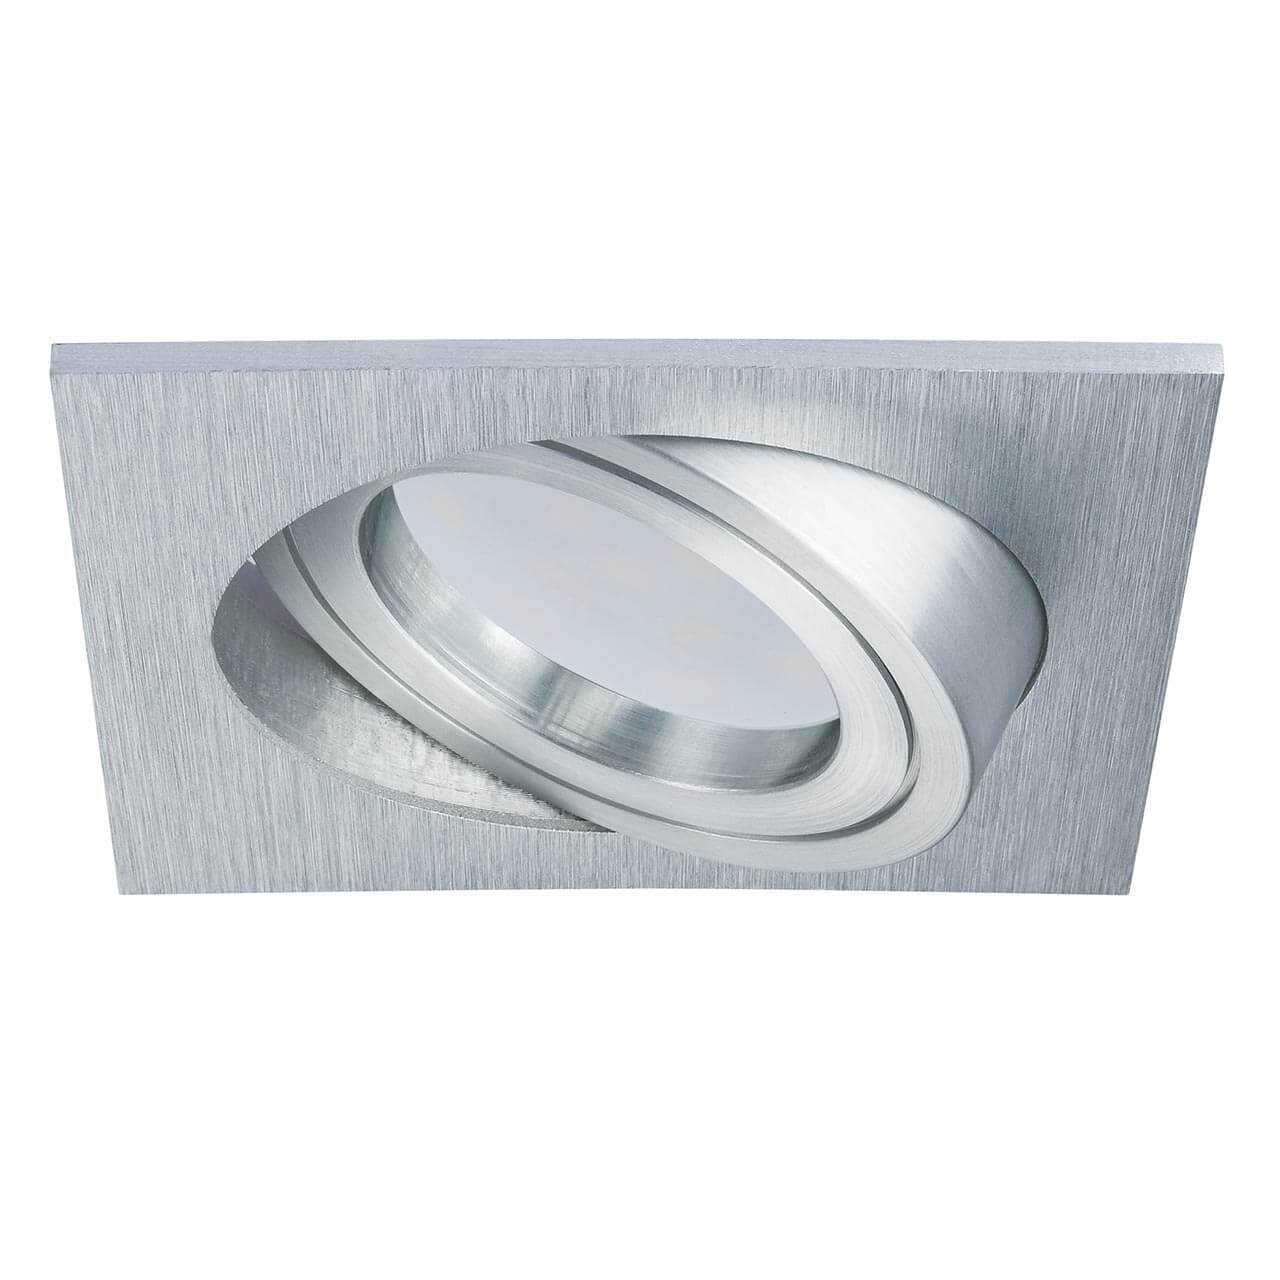 Встраиваемый светодиодный светильник Paulmann Coin 93971 цены